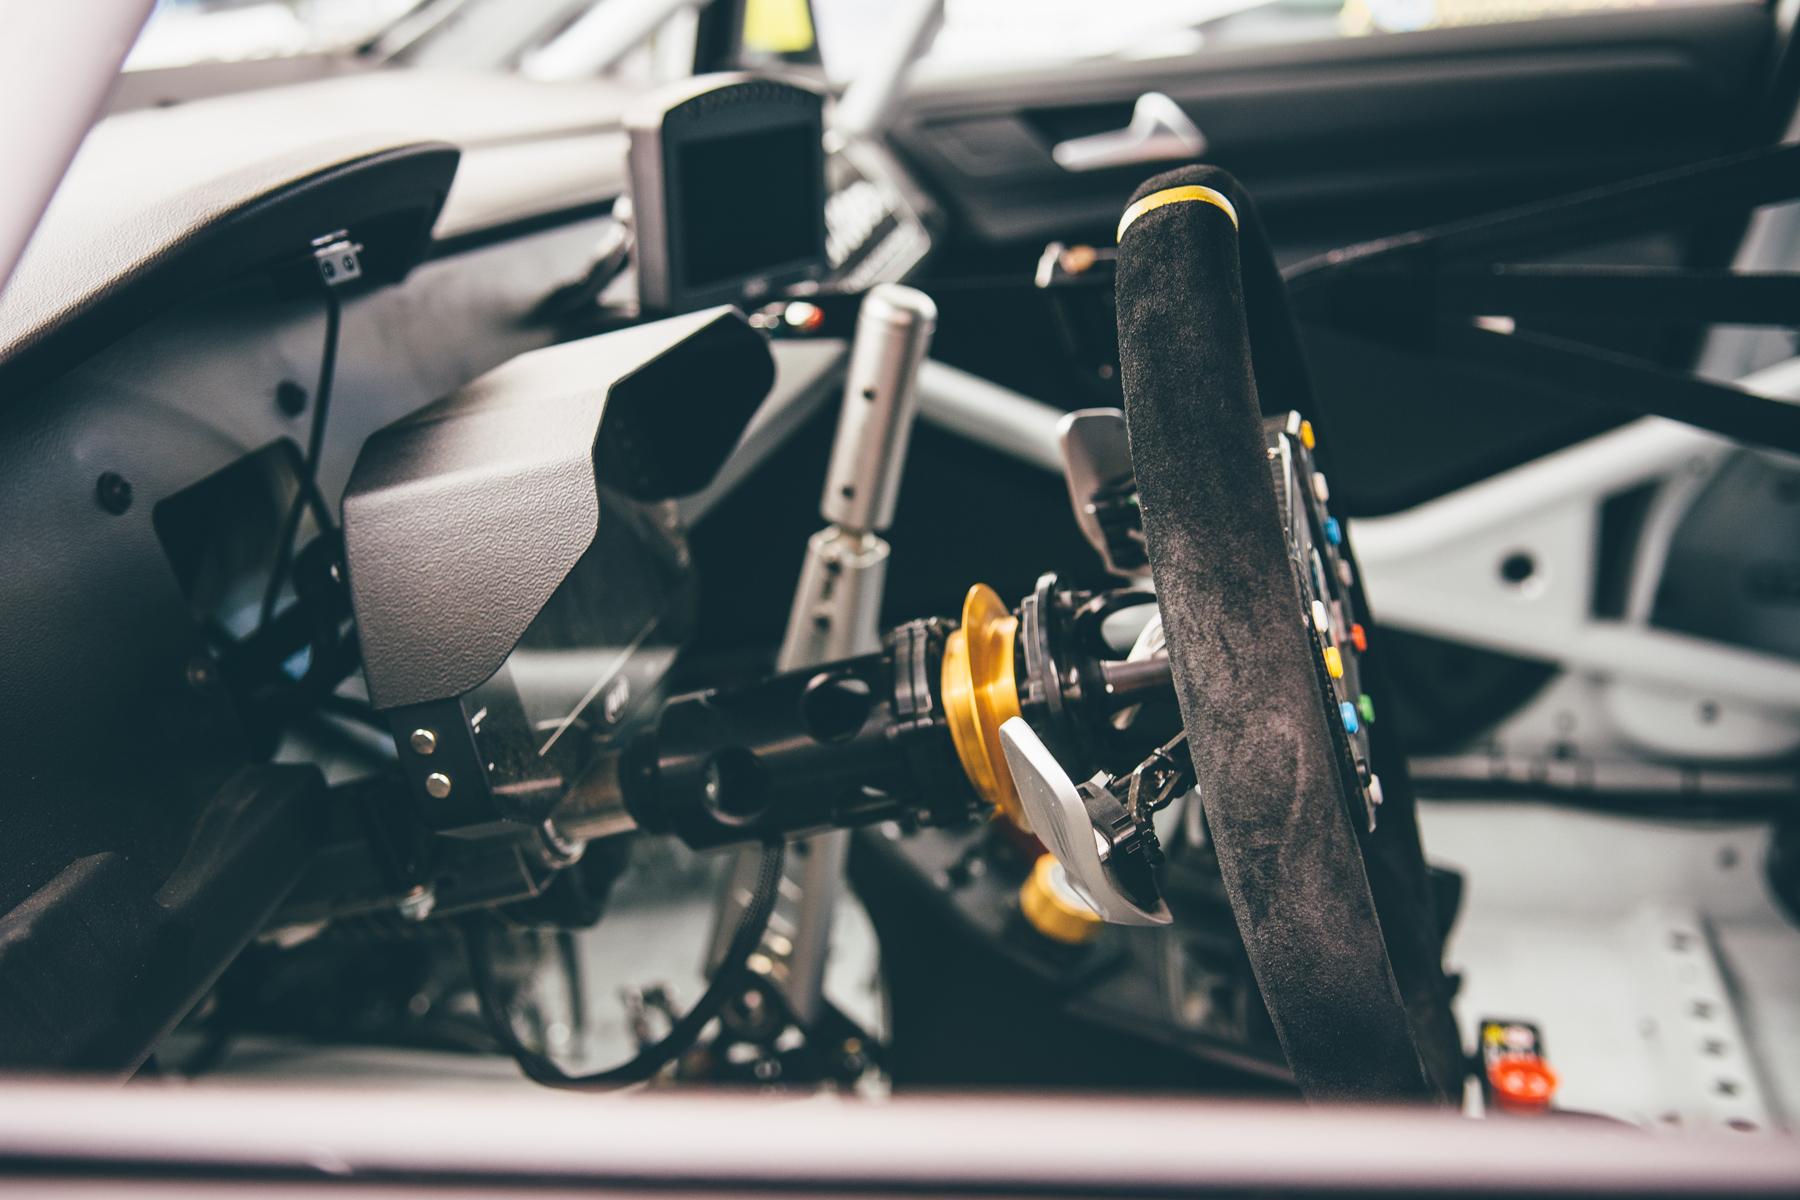 pirelli-world-challenge-pir-fcp-euro-mk7-volkswagen-gti-tcr-06.jpg